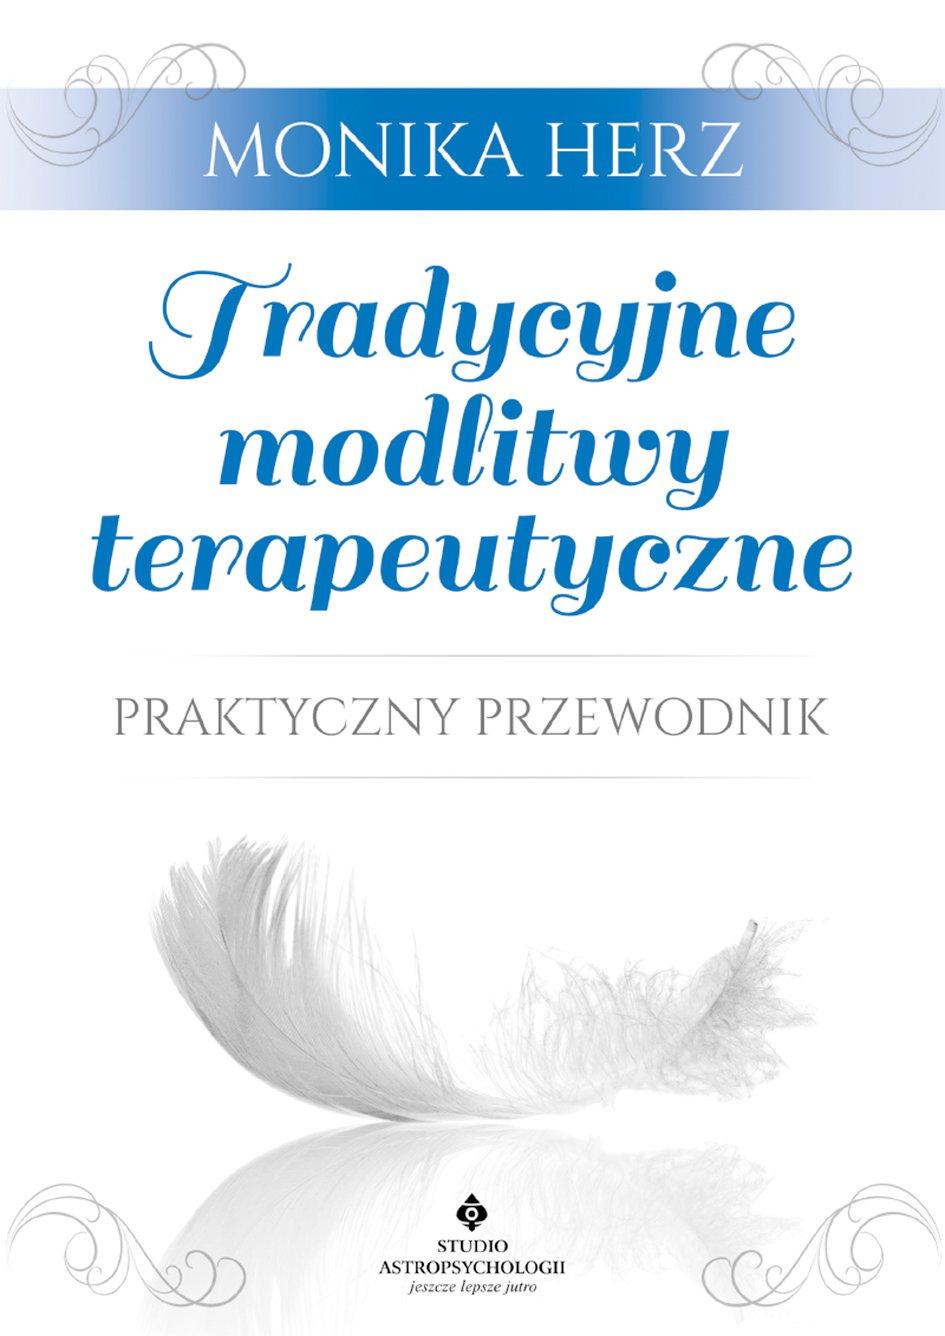 Tradycyjne modlitwy terapeutyczne. Praktyczny przewodnik - Ebook (Książka EPUB) do pobrania w formacie EPUB